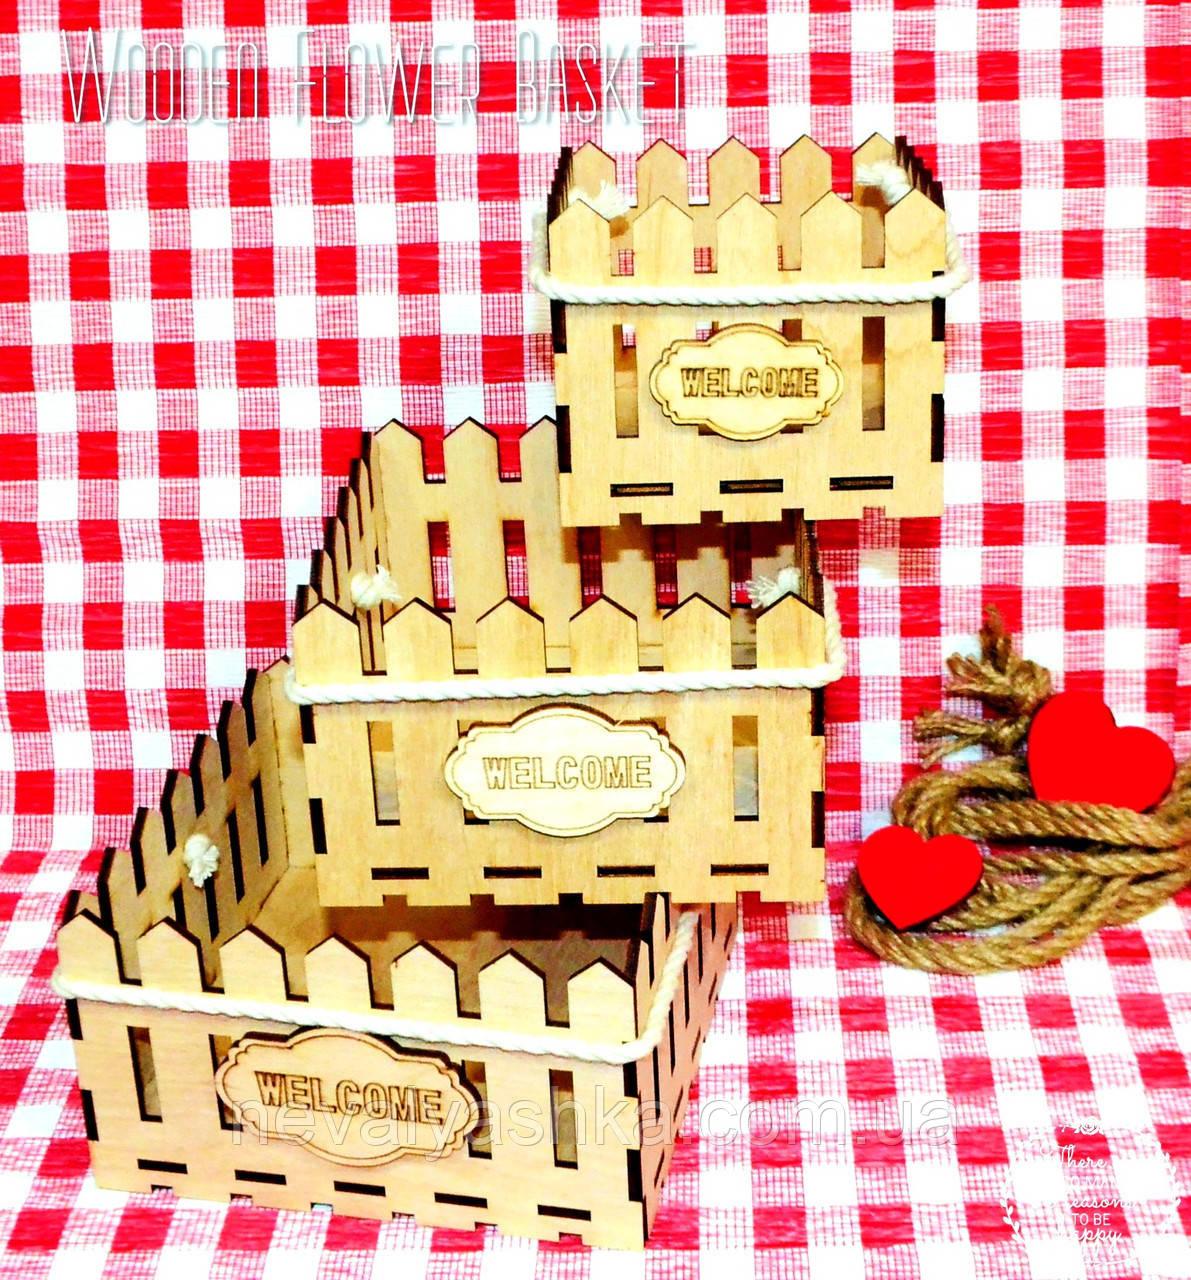 Декоративная Деревянная Корзинка 3 ШТ для оформления цветов букетов дерев'яна корзина для квітів С ЛОГО